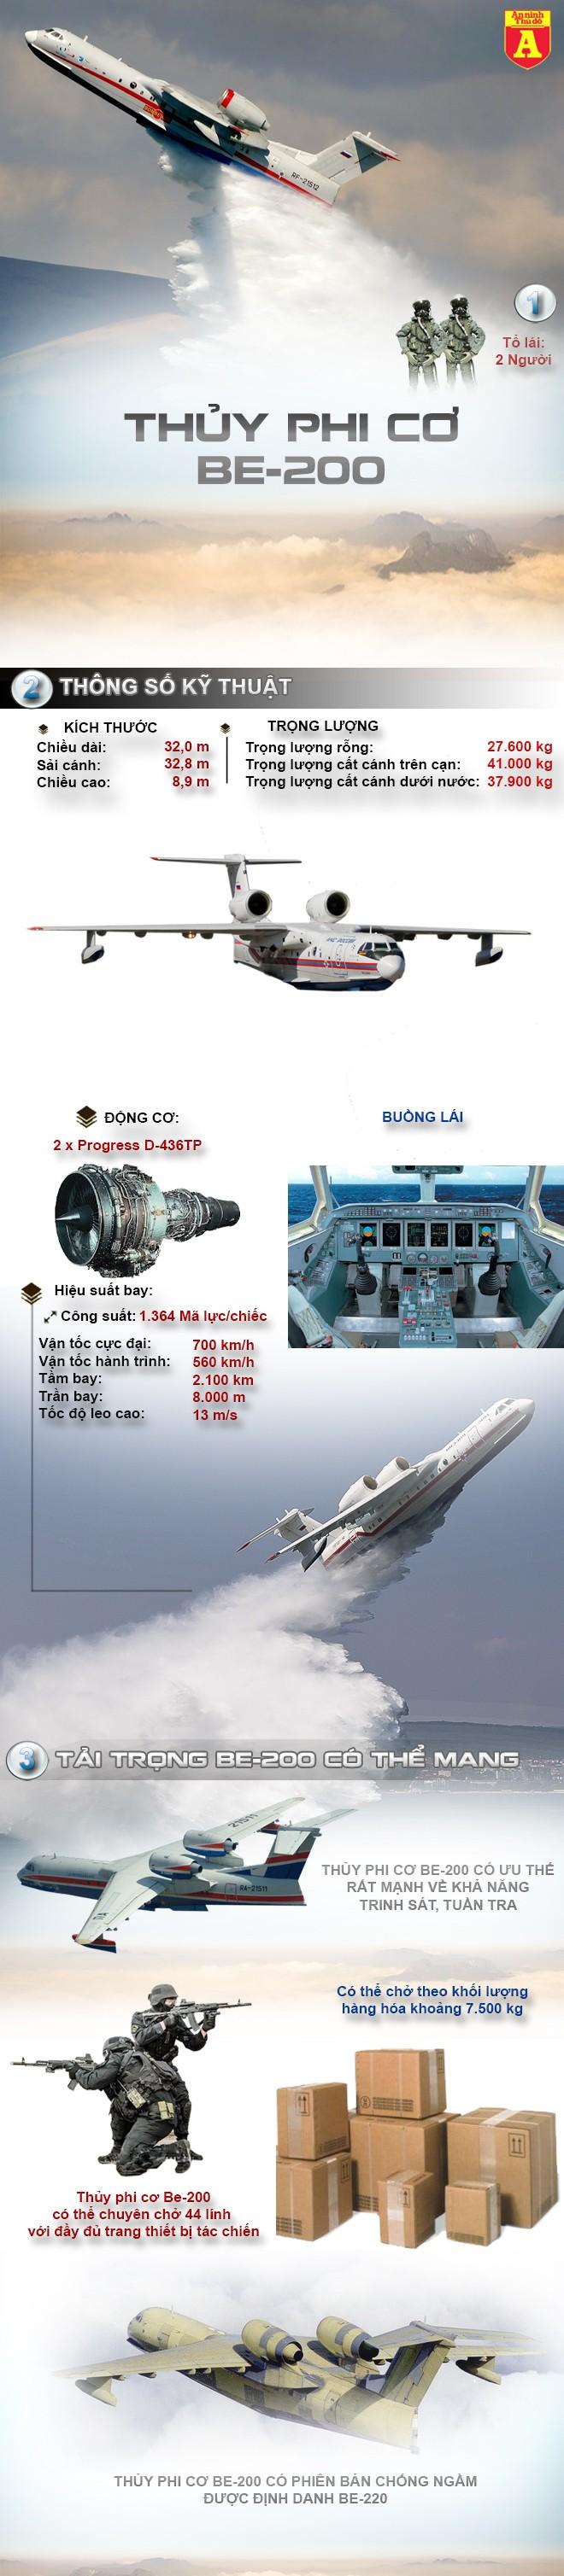 """[Infographic] Khám phá sức mạnh thủy phi cơ """"khủng"""" nhất hành tinh ảnh 2"""